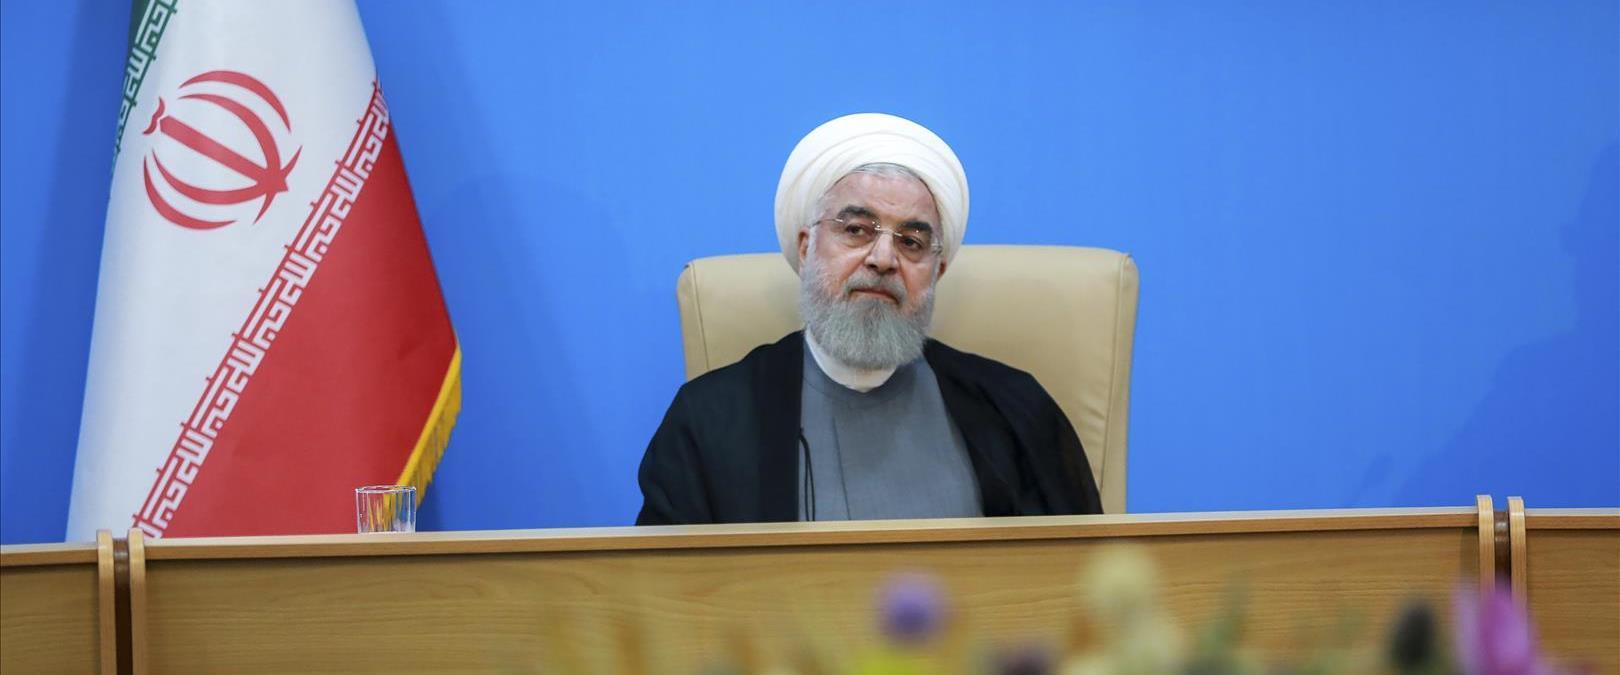 נשיא איראן רוחאני, בחודש שעבר